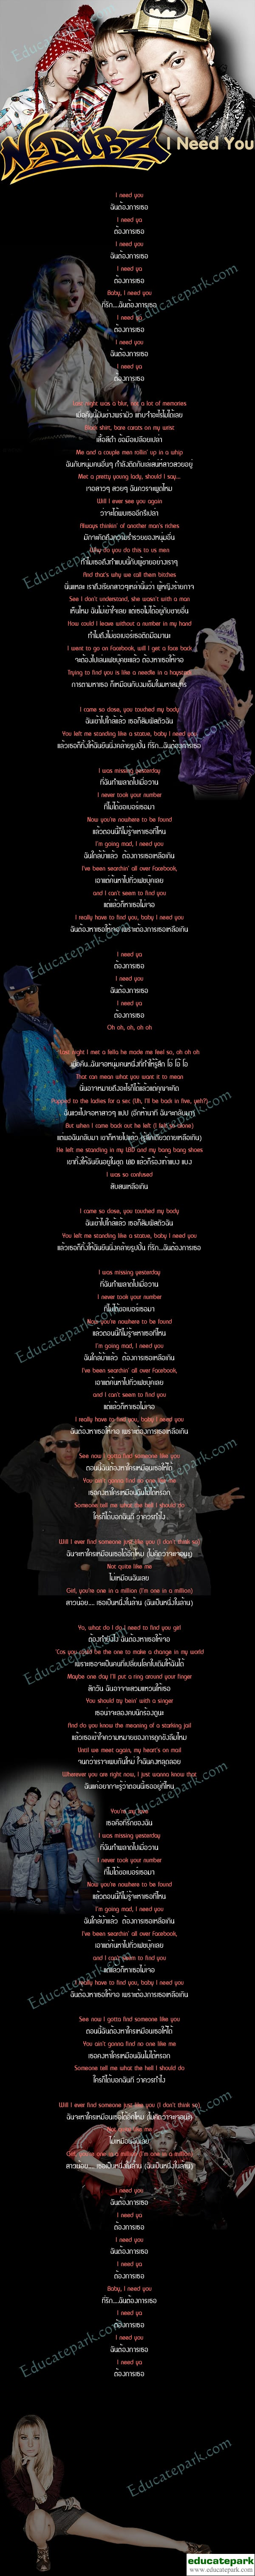 แปลเพลง I Need You - N-Dubz